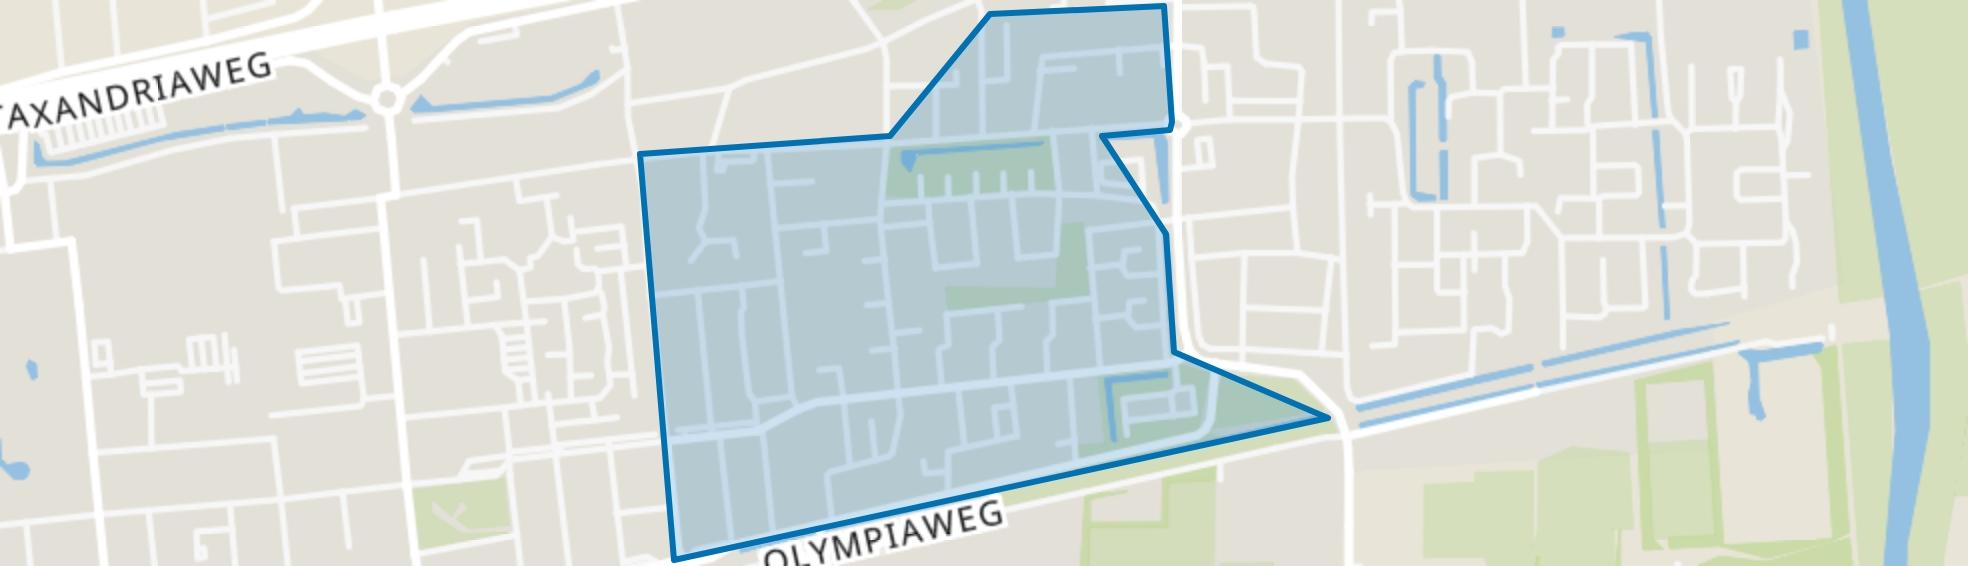 Laageinde, Waalwijk map